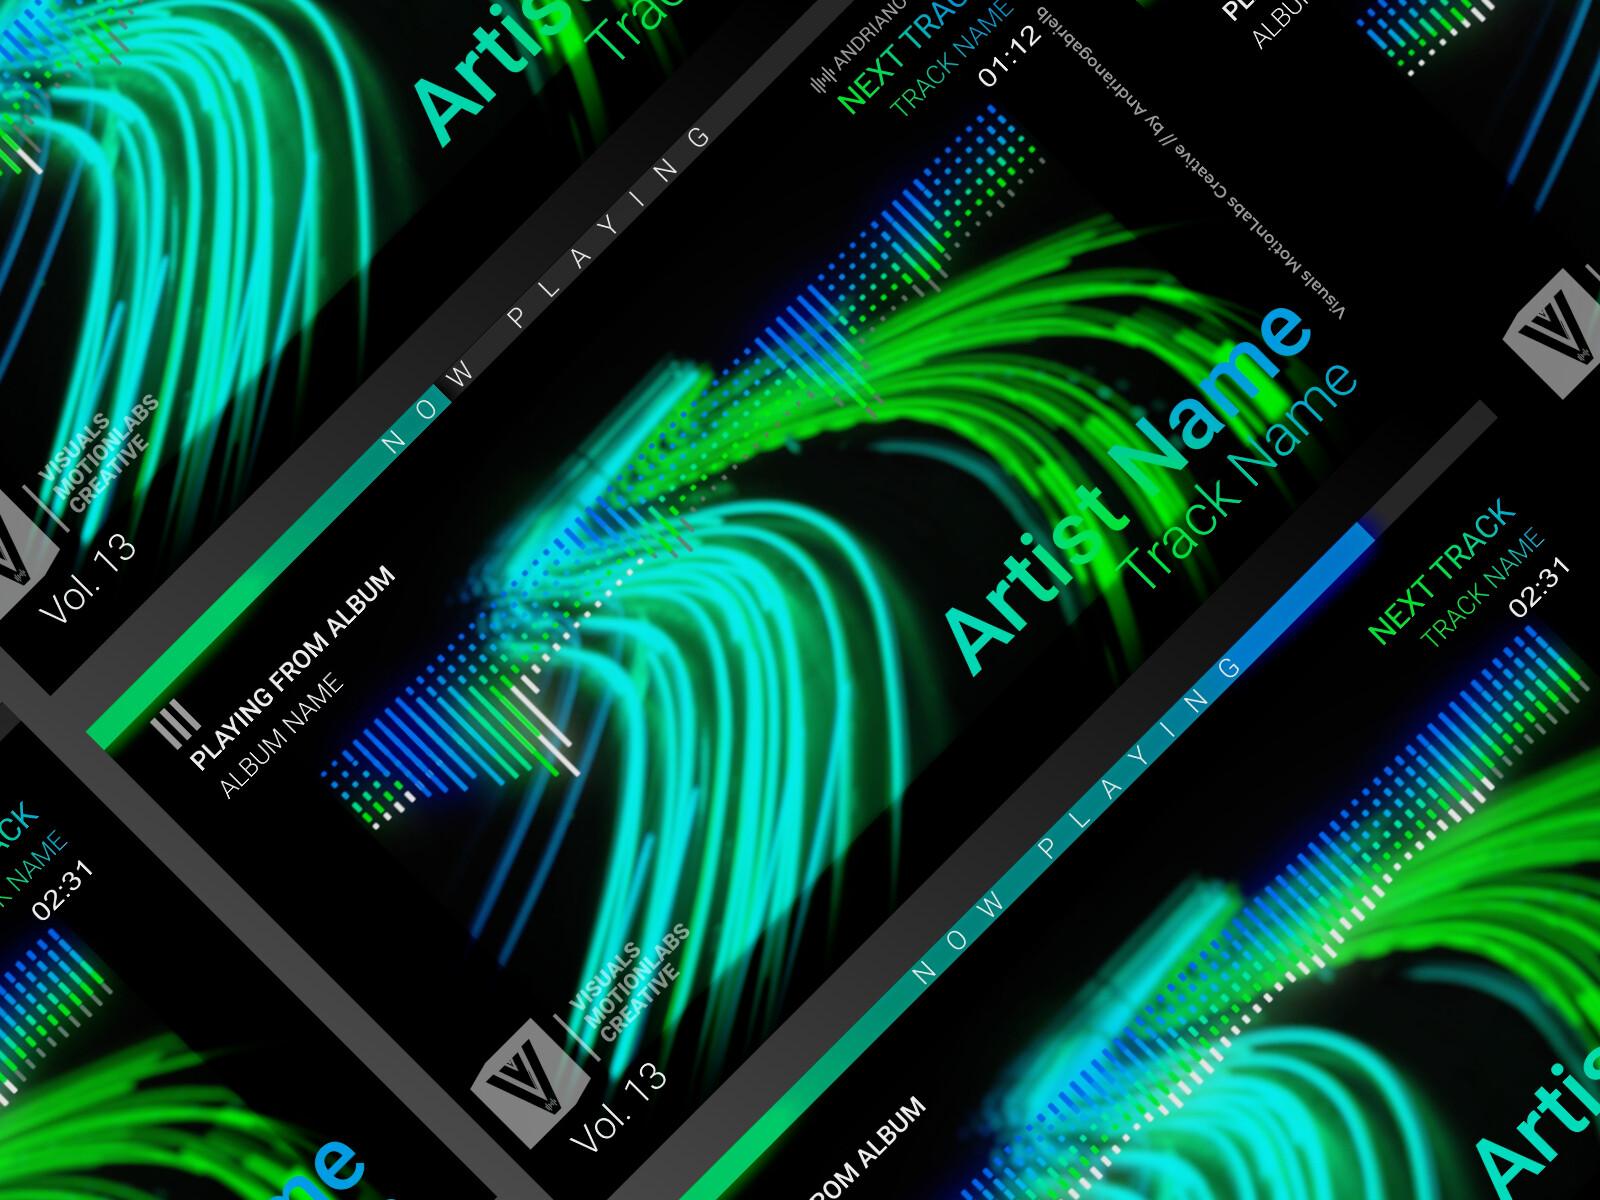 ArtStation - Audio Spectrum / Music Visualizer Concept S13